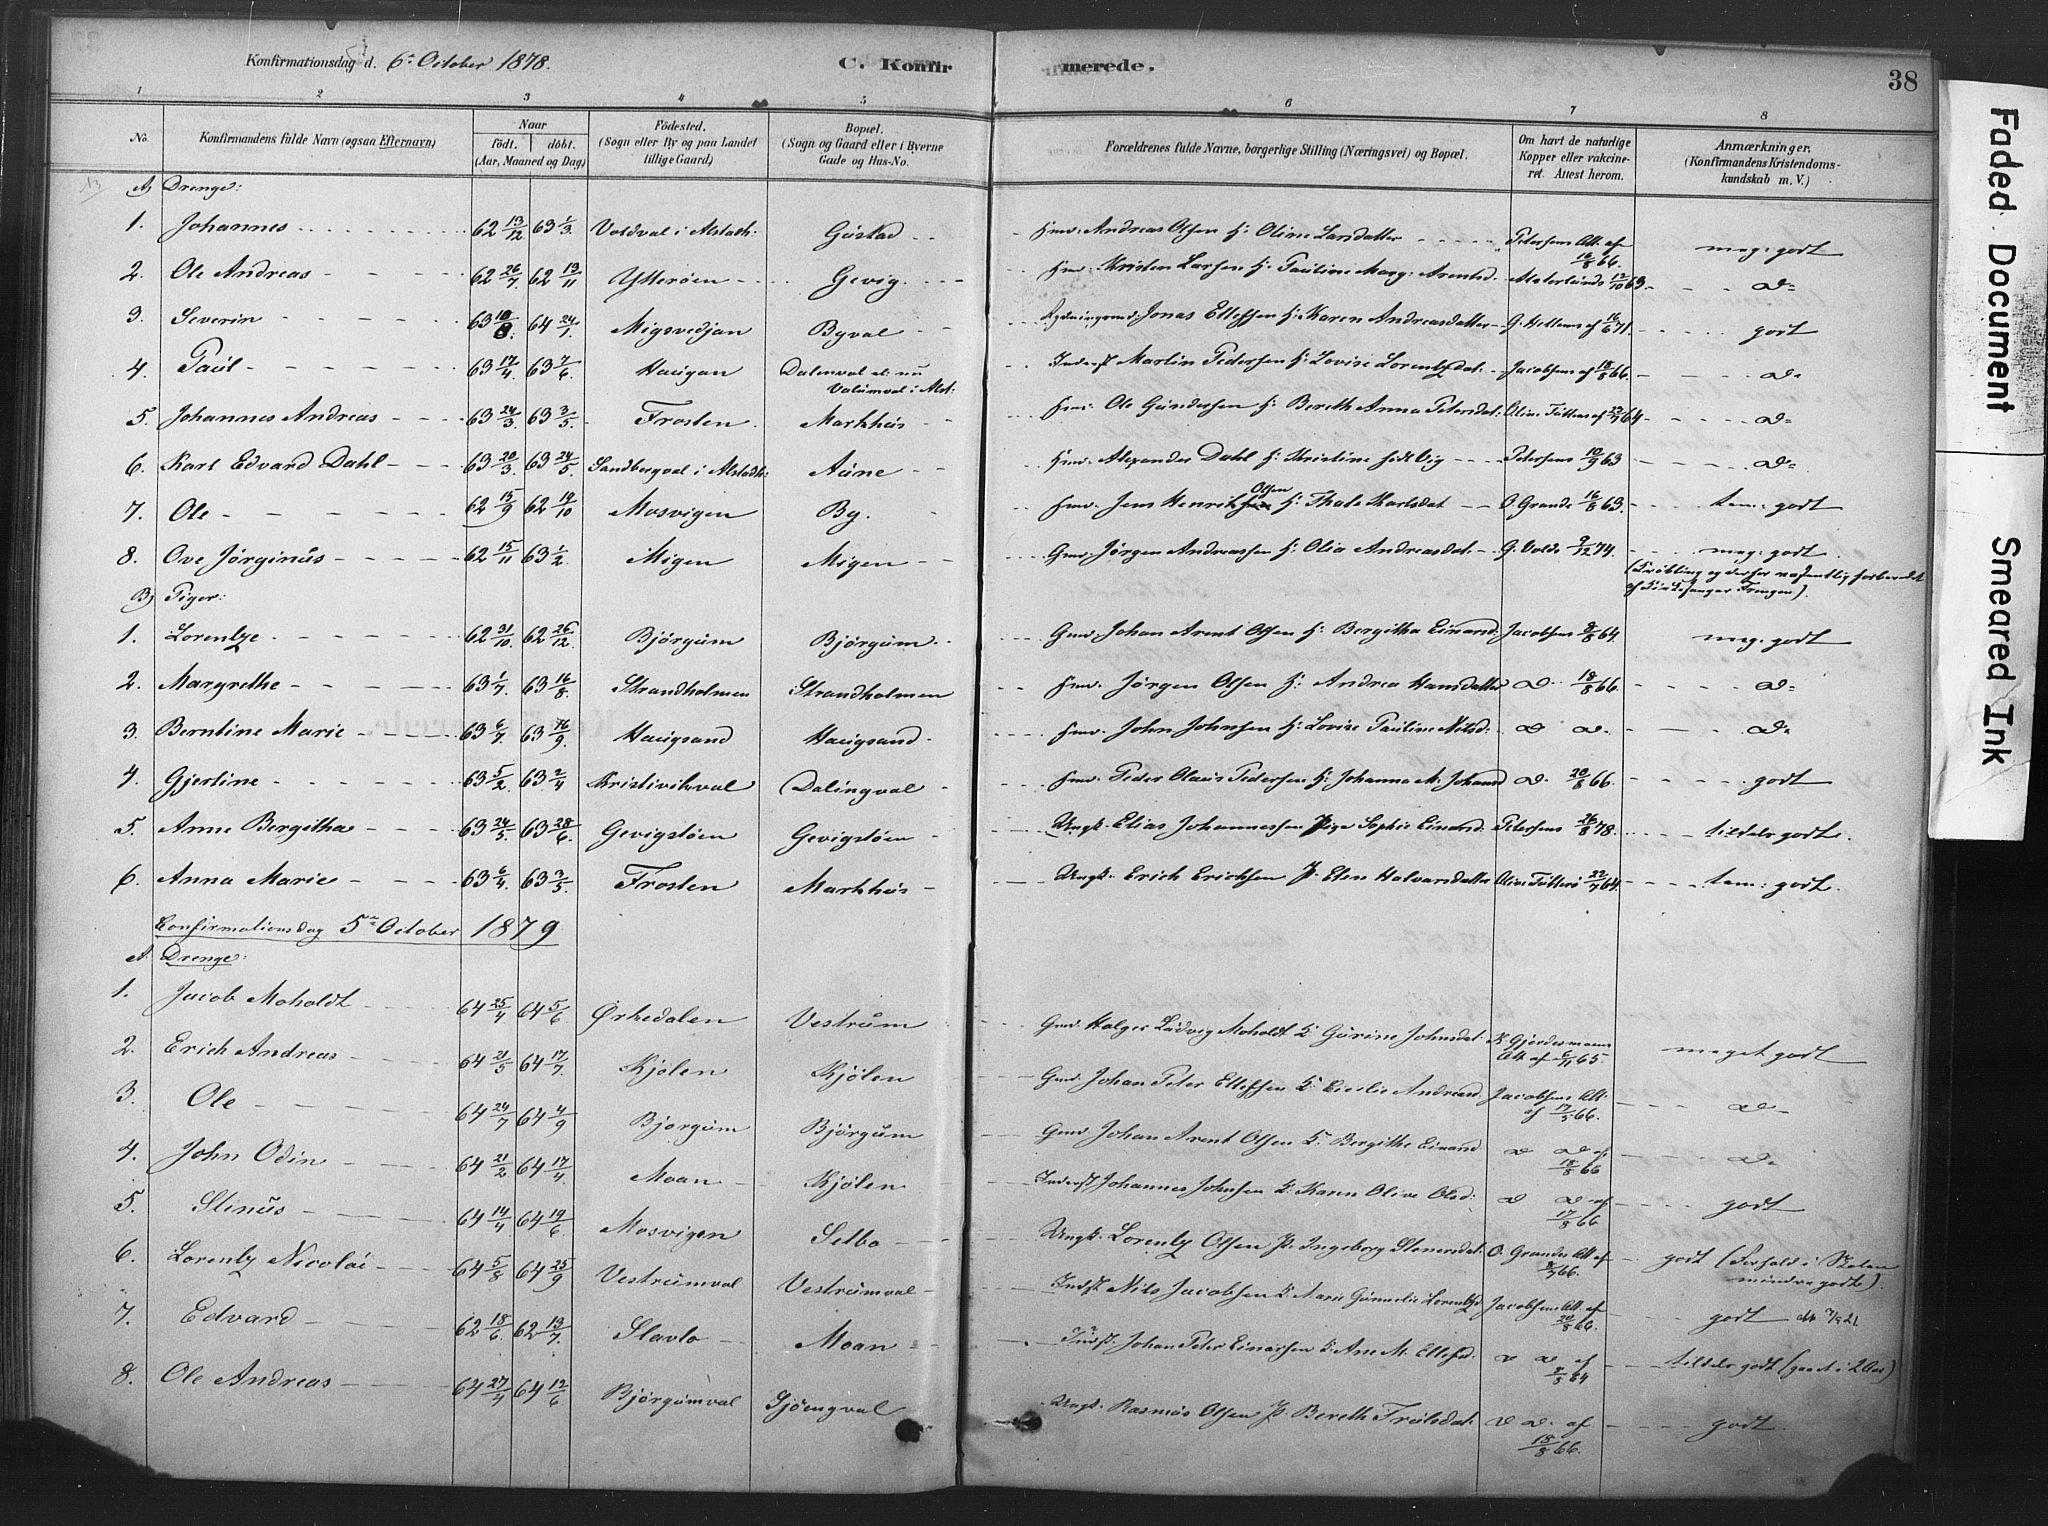 SAT, Ministerialprotokoller, klokkerbøker og fødselsregistre - Nord-Trøndelag, 719/L0178: Ministerialbok nr. 719A01, 1878-1900, s. 38